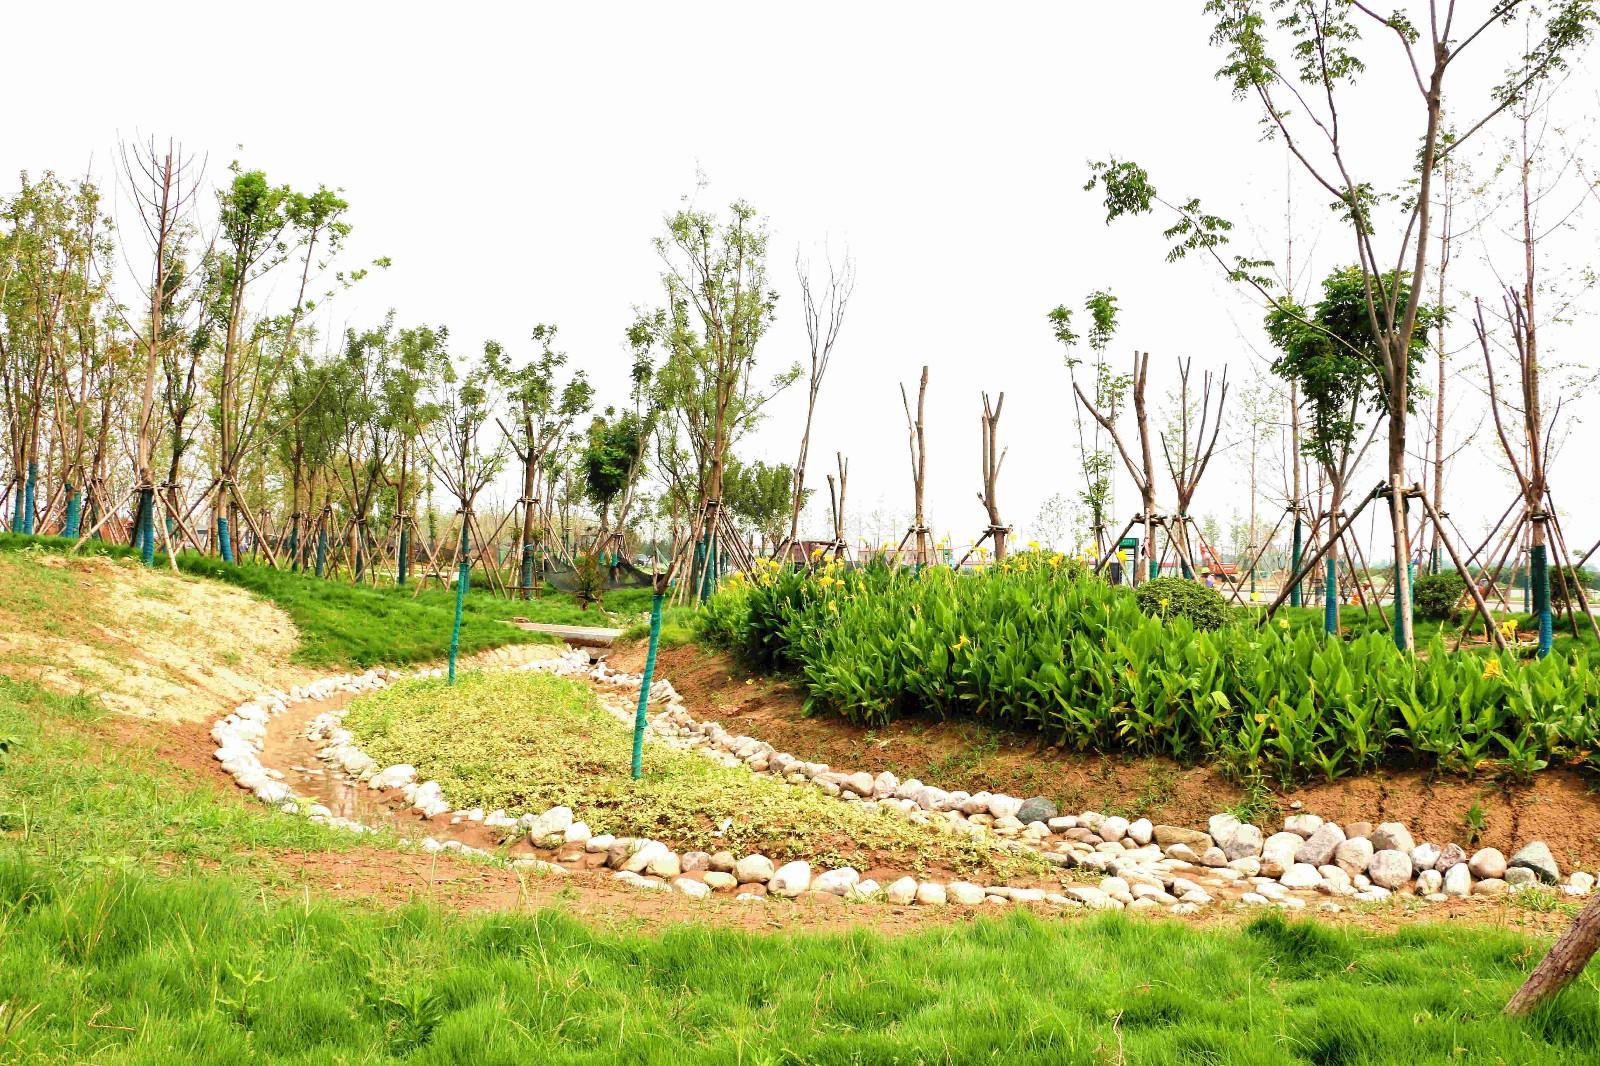 清华大学雨水花园-郑州园博园外围风景独家照片曝光,原来这么有看头图片